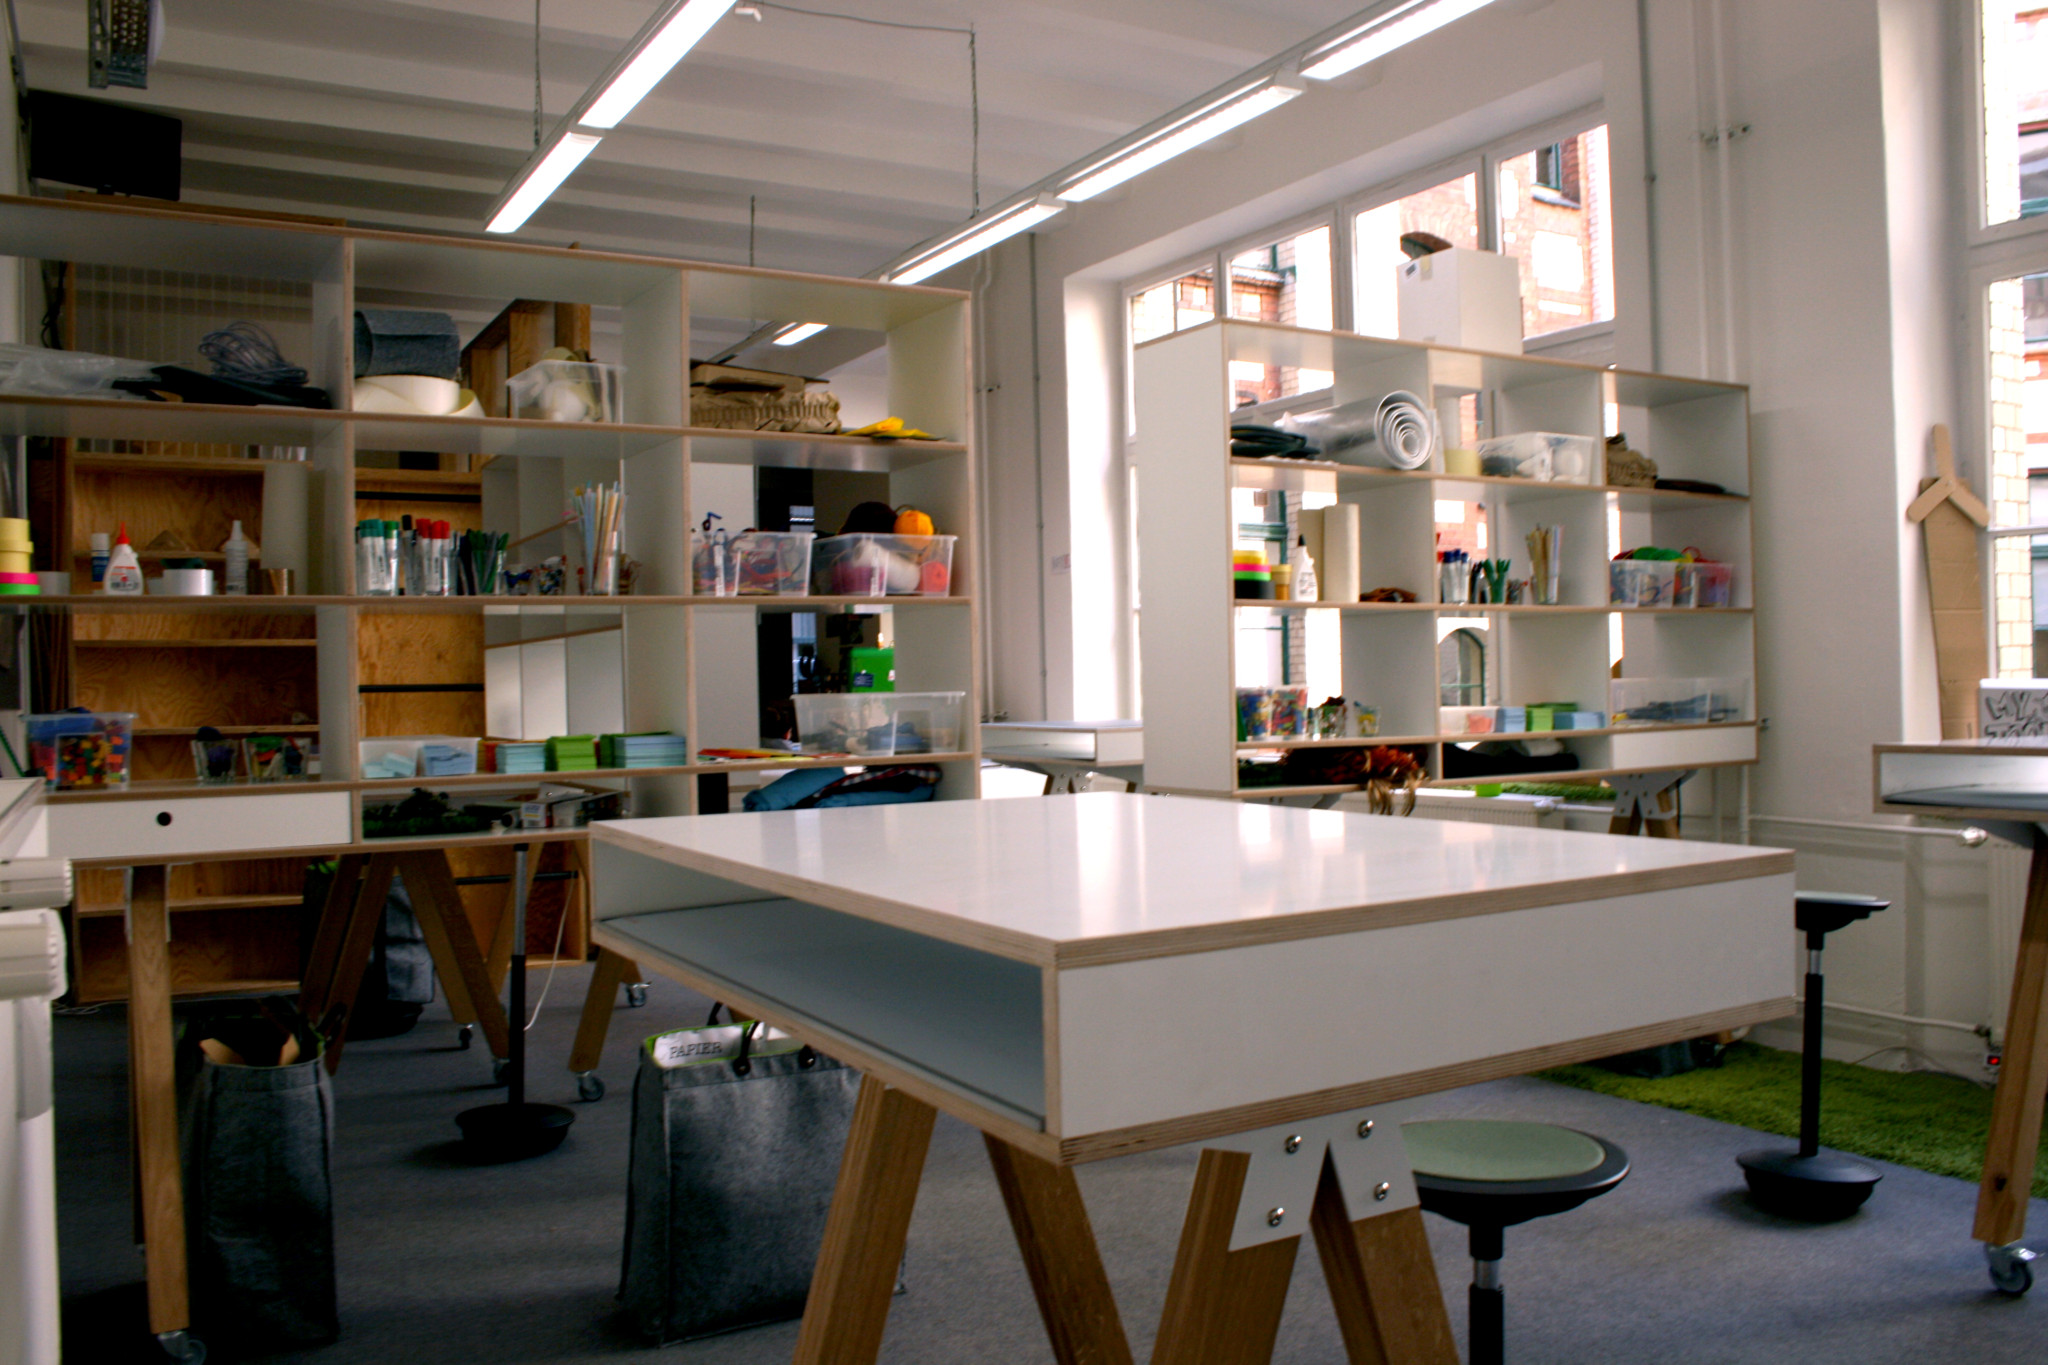 Designthinking tisch pool22 for Design thinking tisch